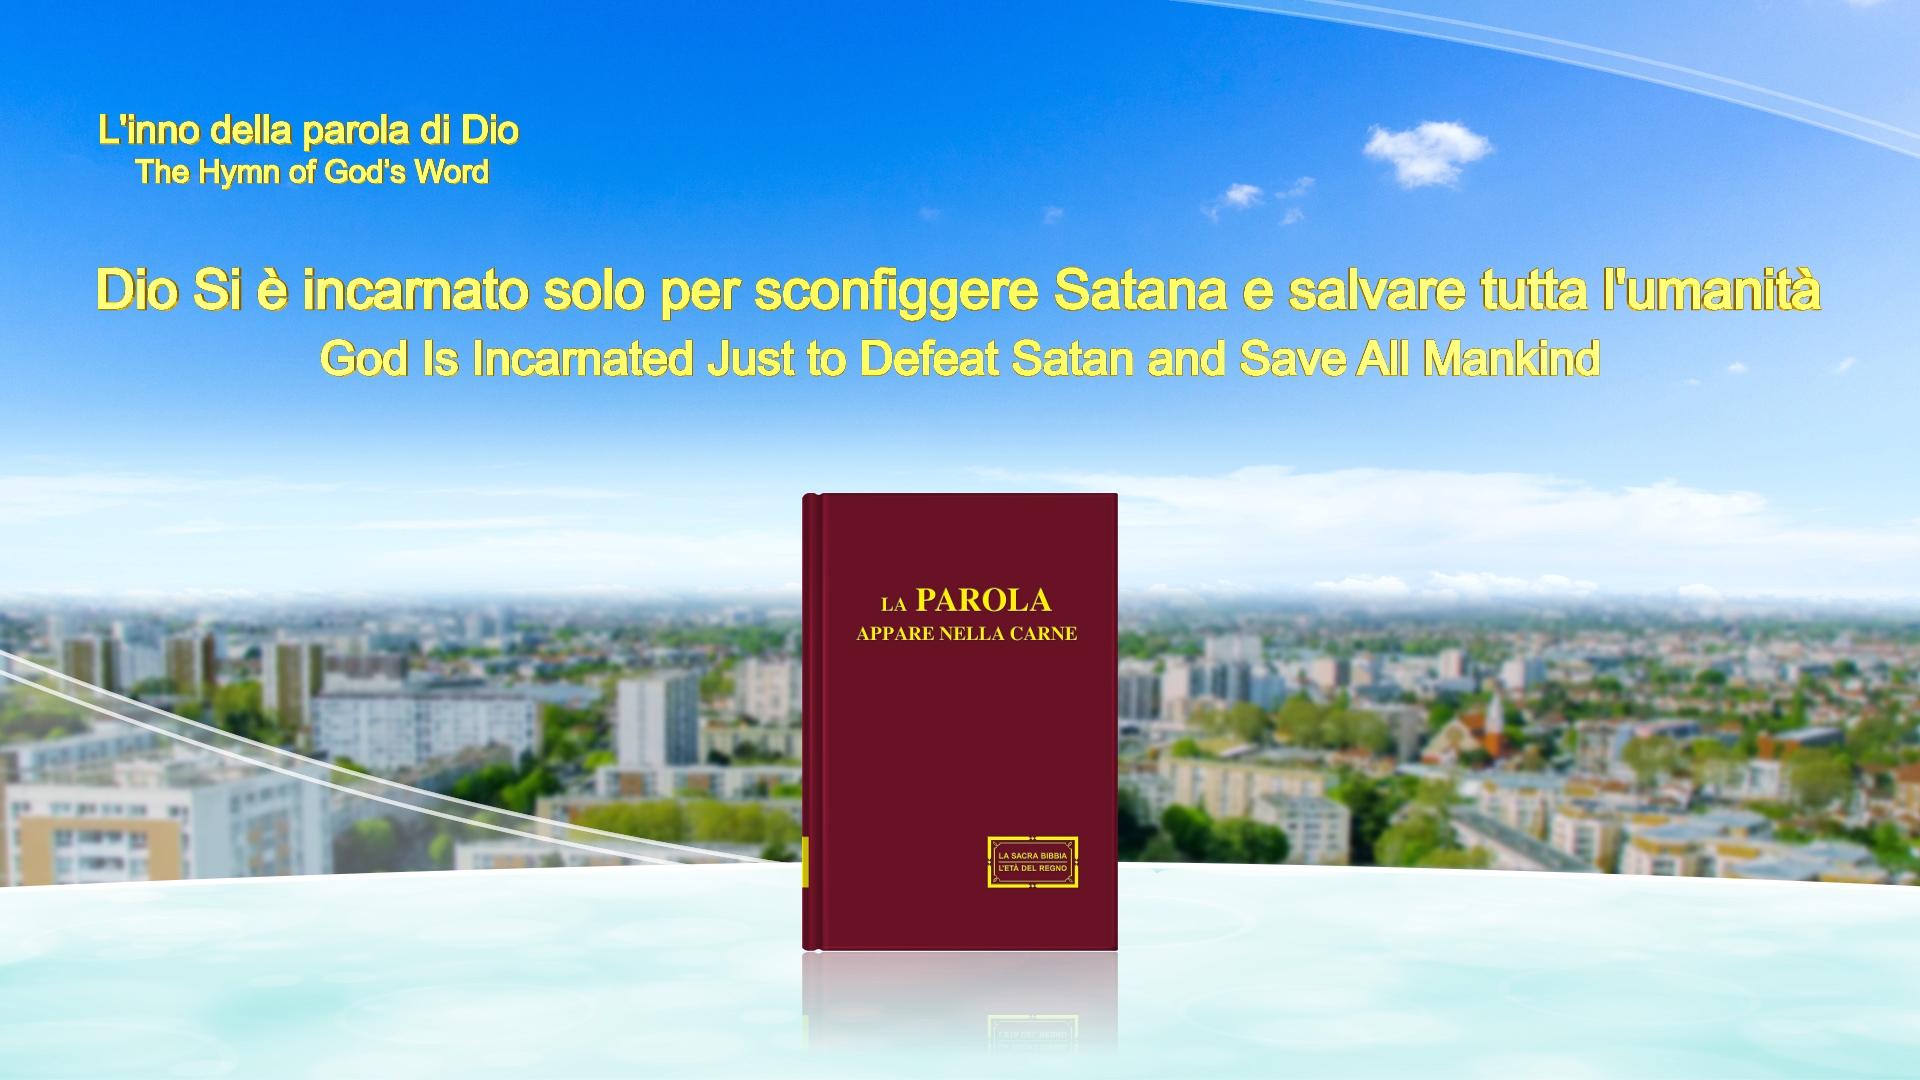 Dio Si è incarnato solo per sconfiggere Satana e salvare tutta l'umanità